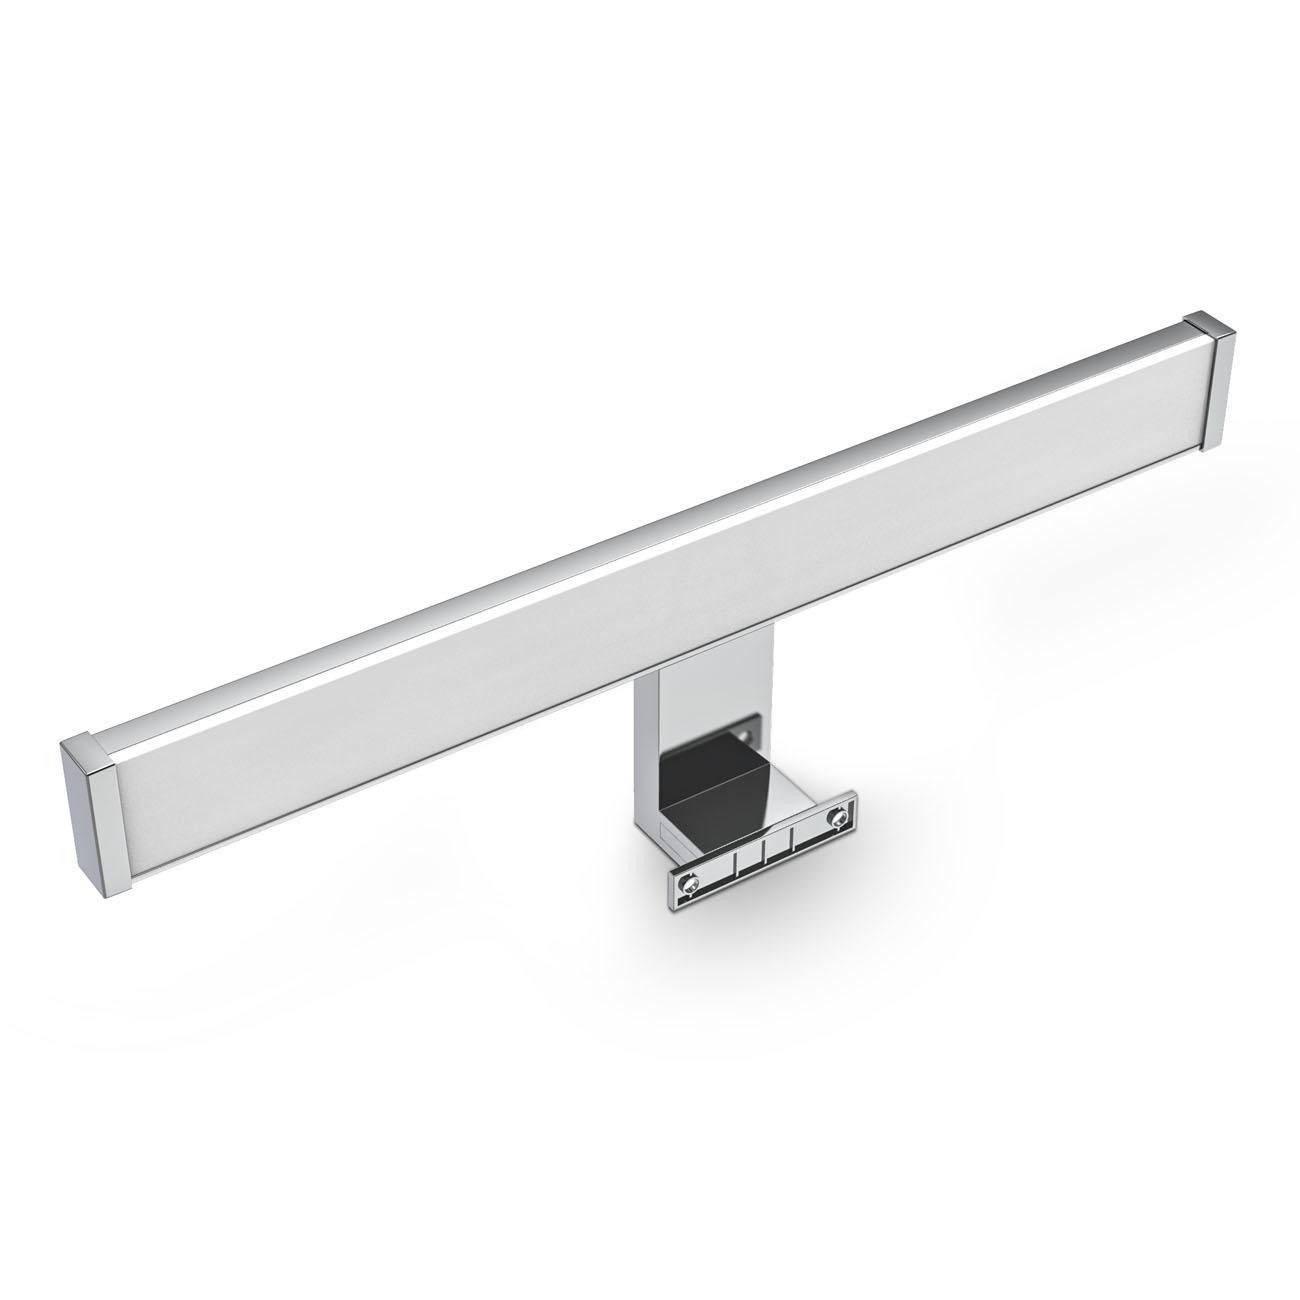 LED Spiegelleuchte Badlampe IP44 chrom - 4